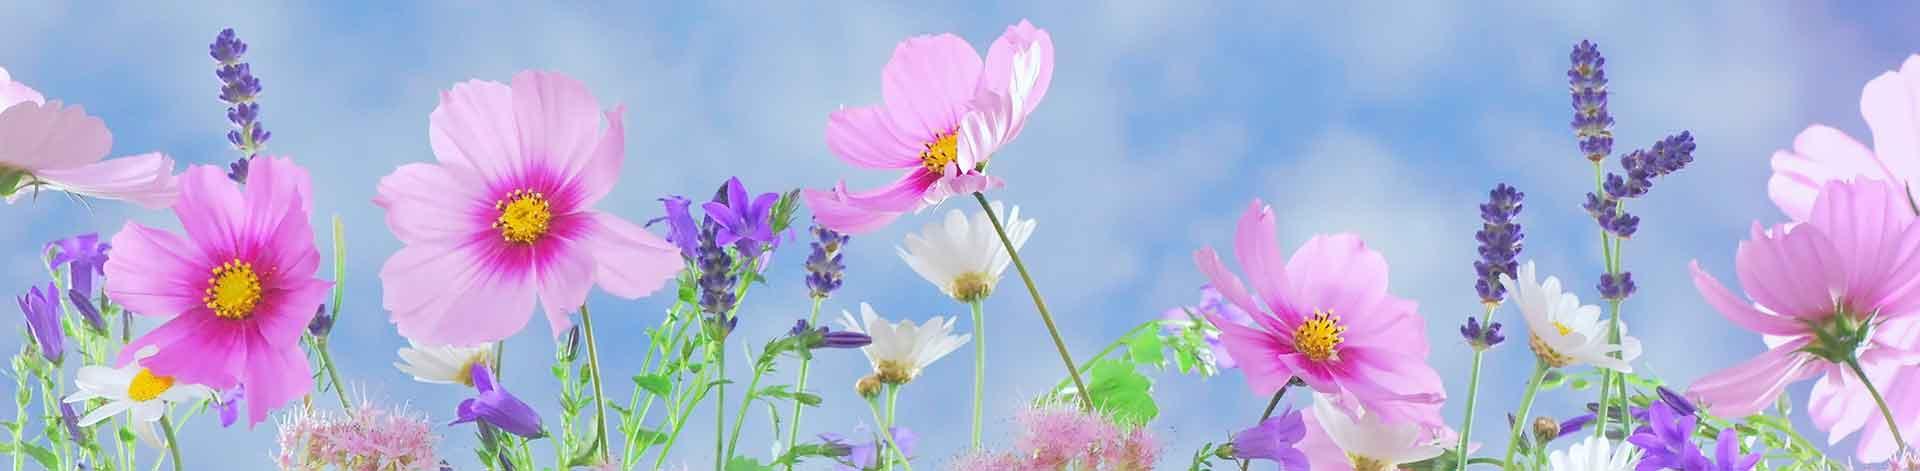 wild-flowers-571940@1920w